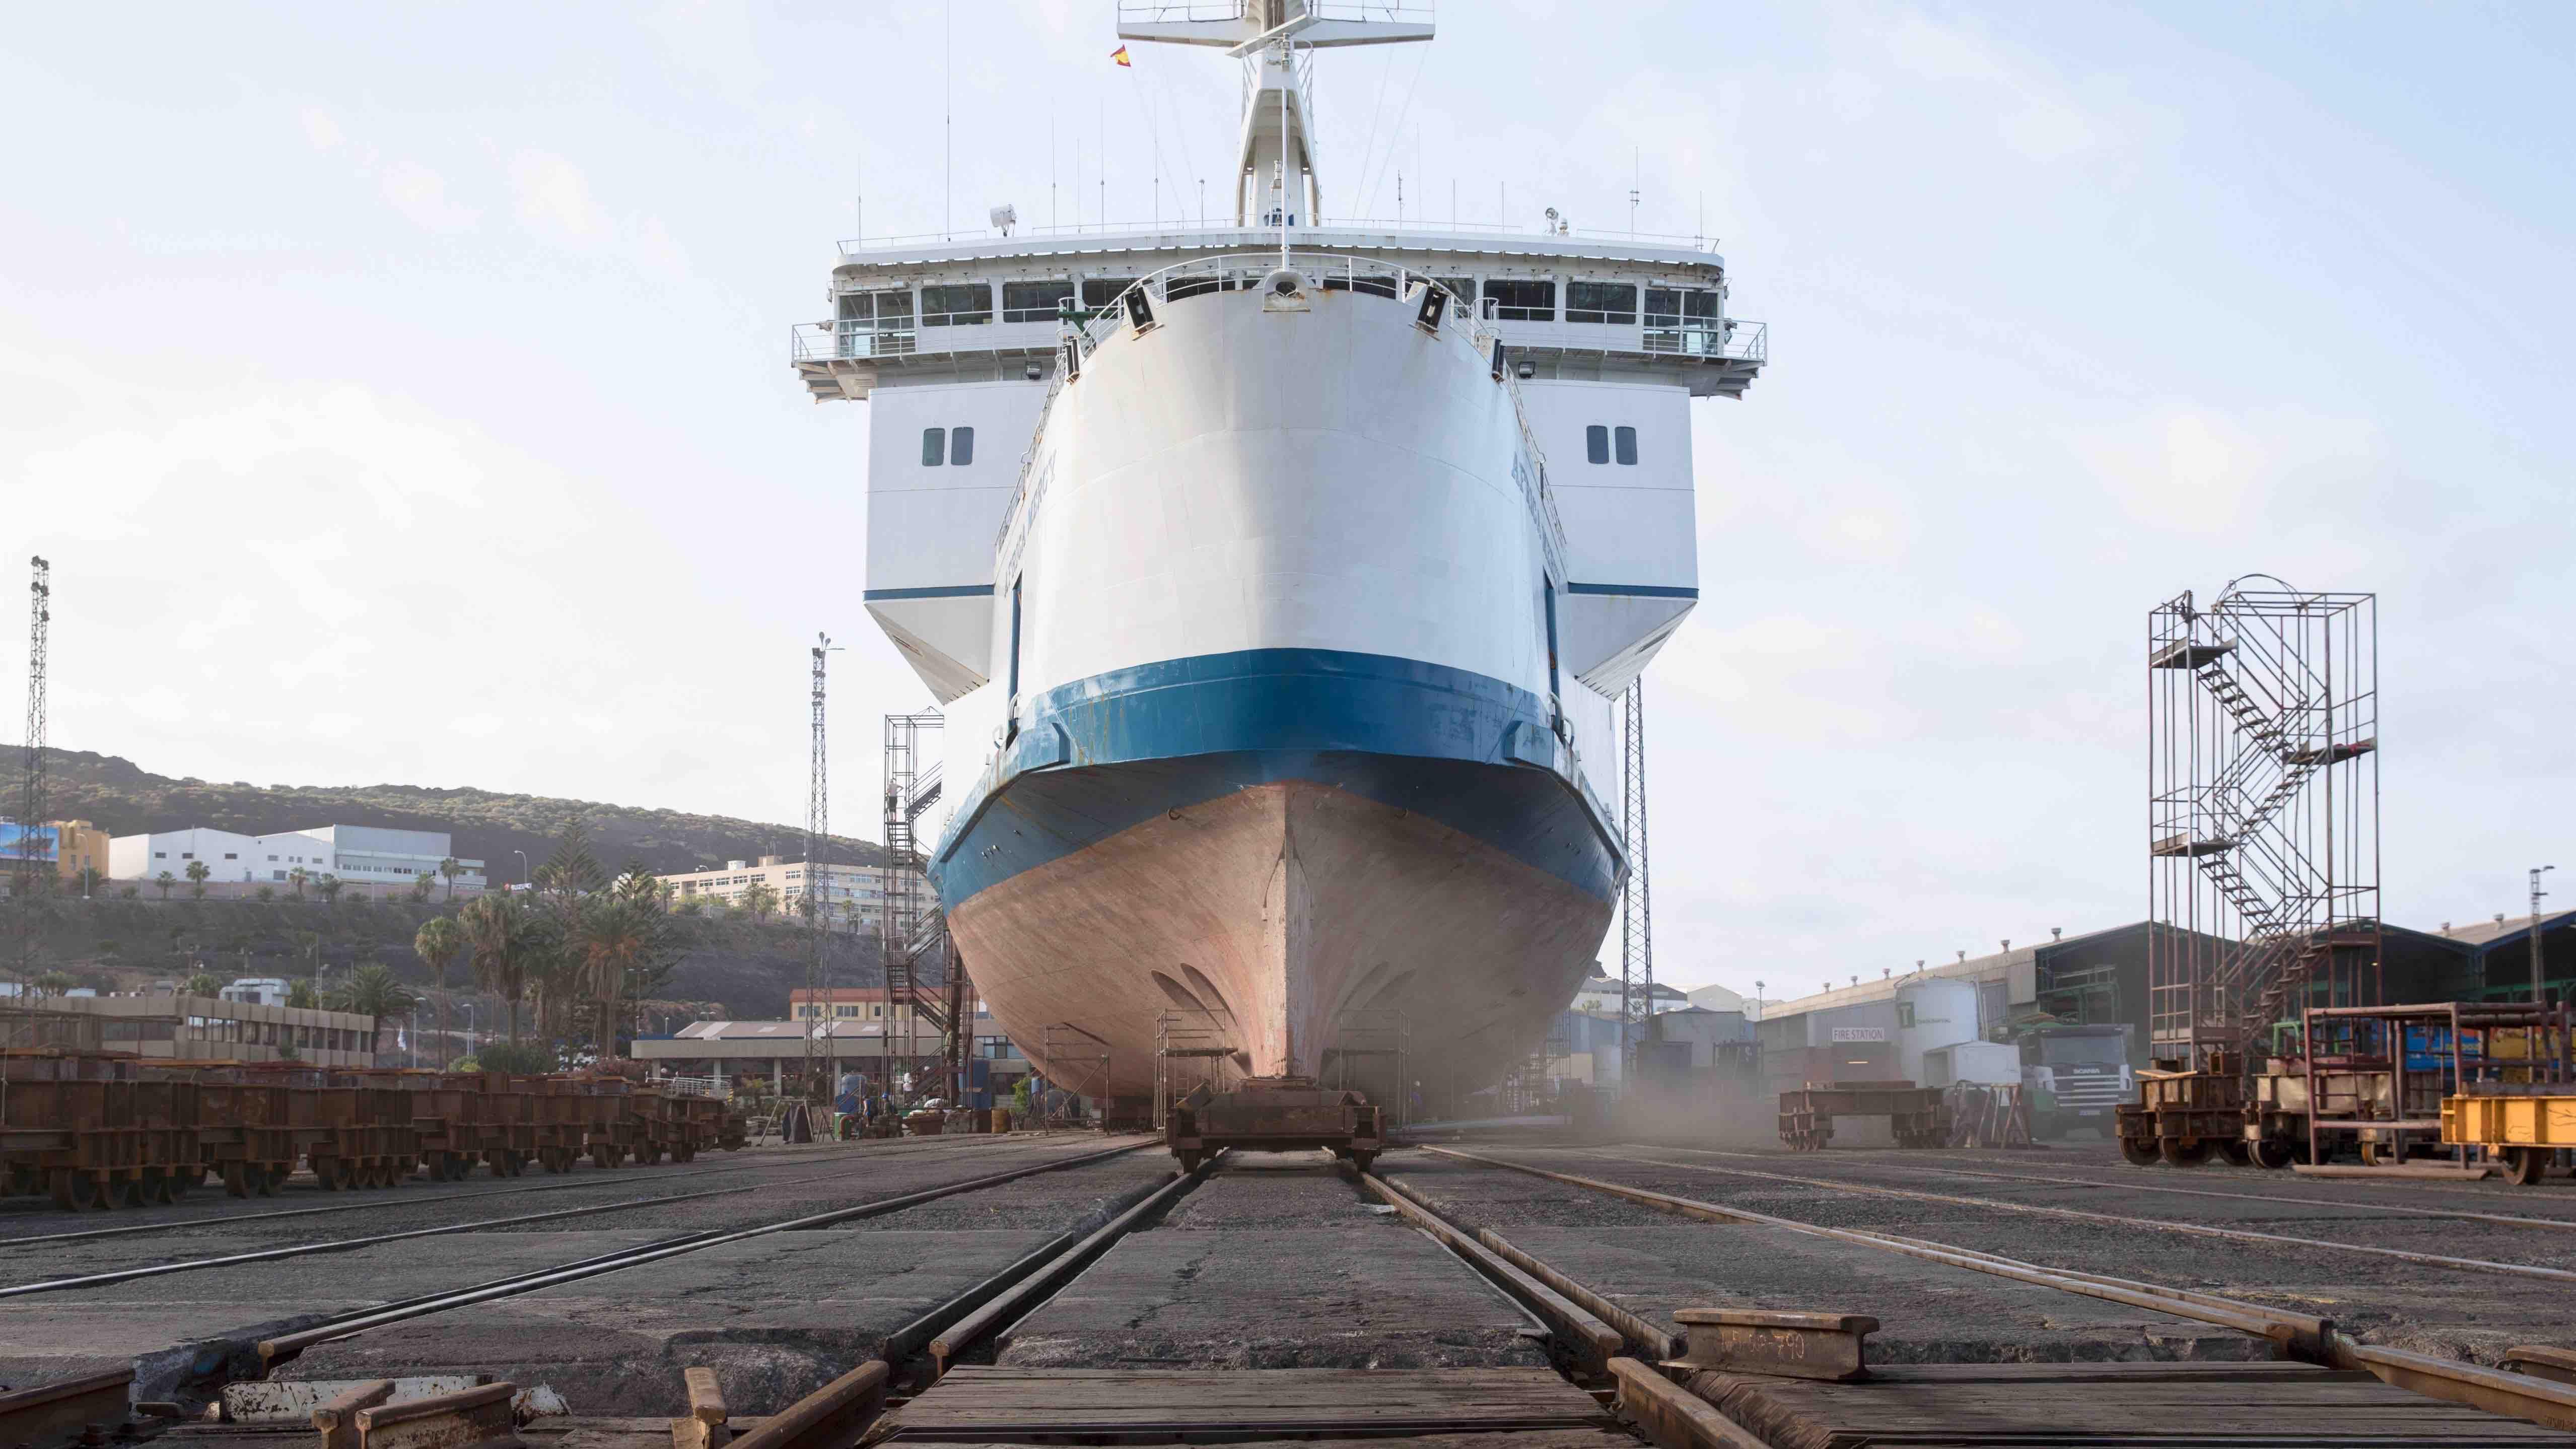 ziekenhuisschip Mercy Ships